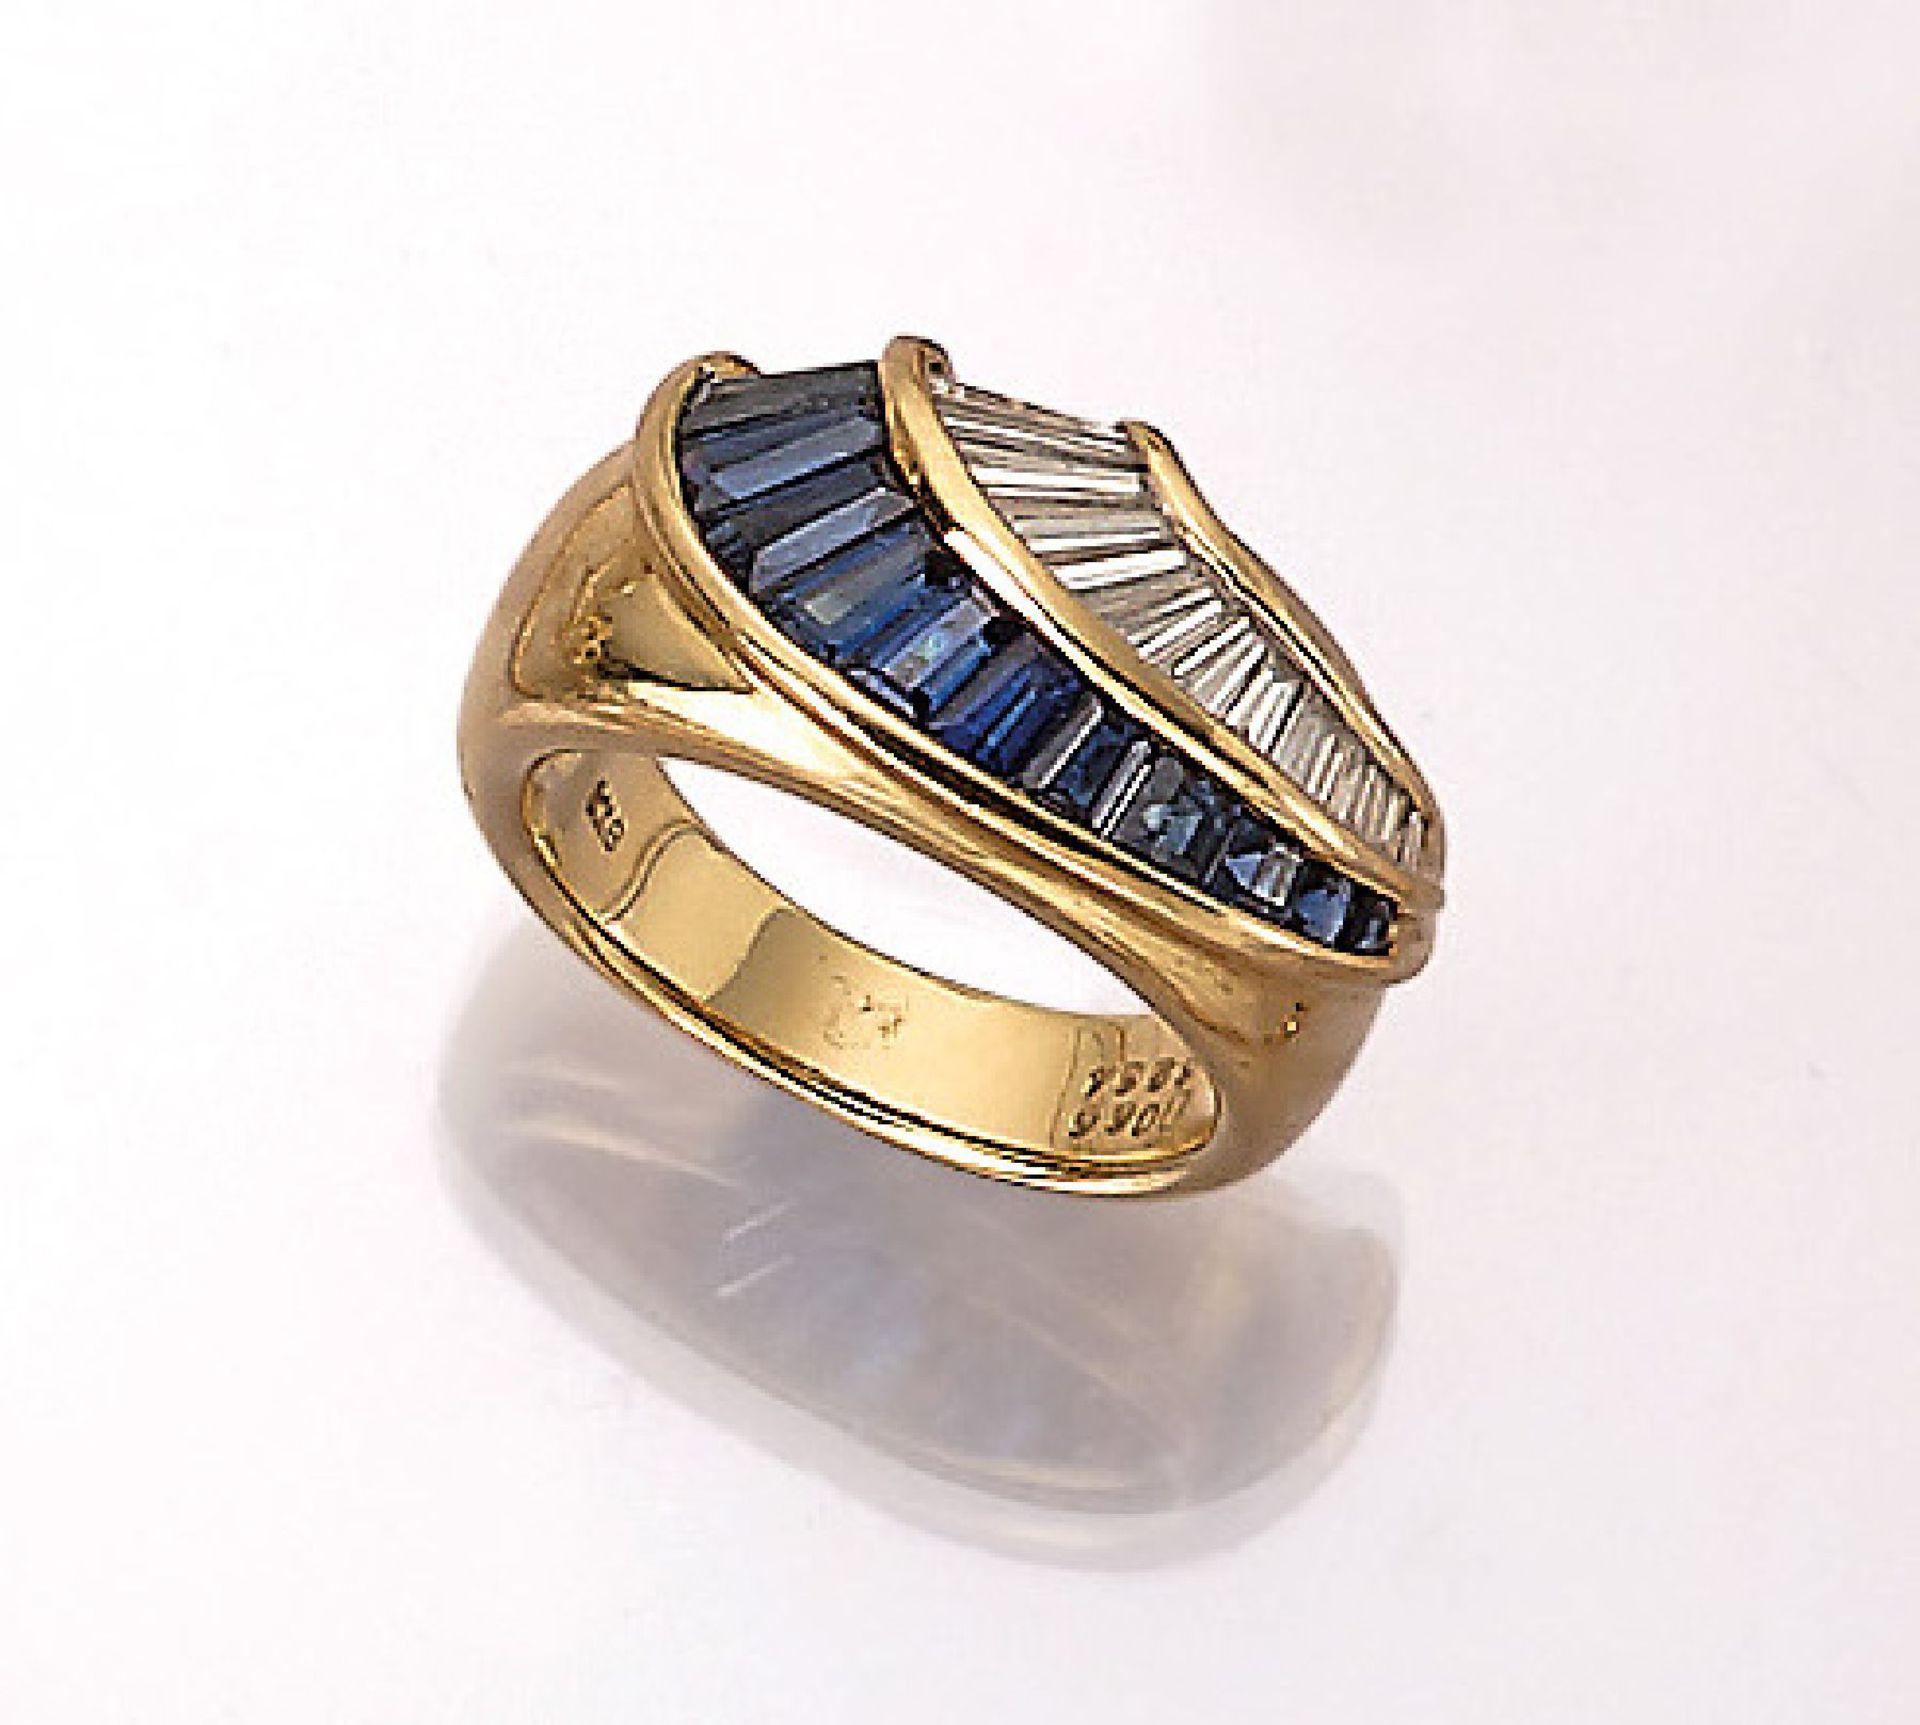 18 kt Gold Ring mit Saphiren und Brillanten, GG 750/000, 13 Diamant-Trapeze zus. ca. 0.66 ct (grav.)